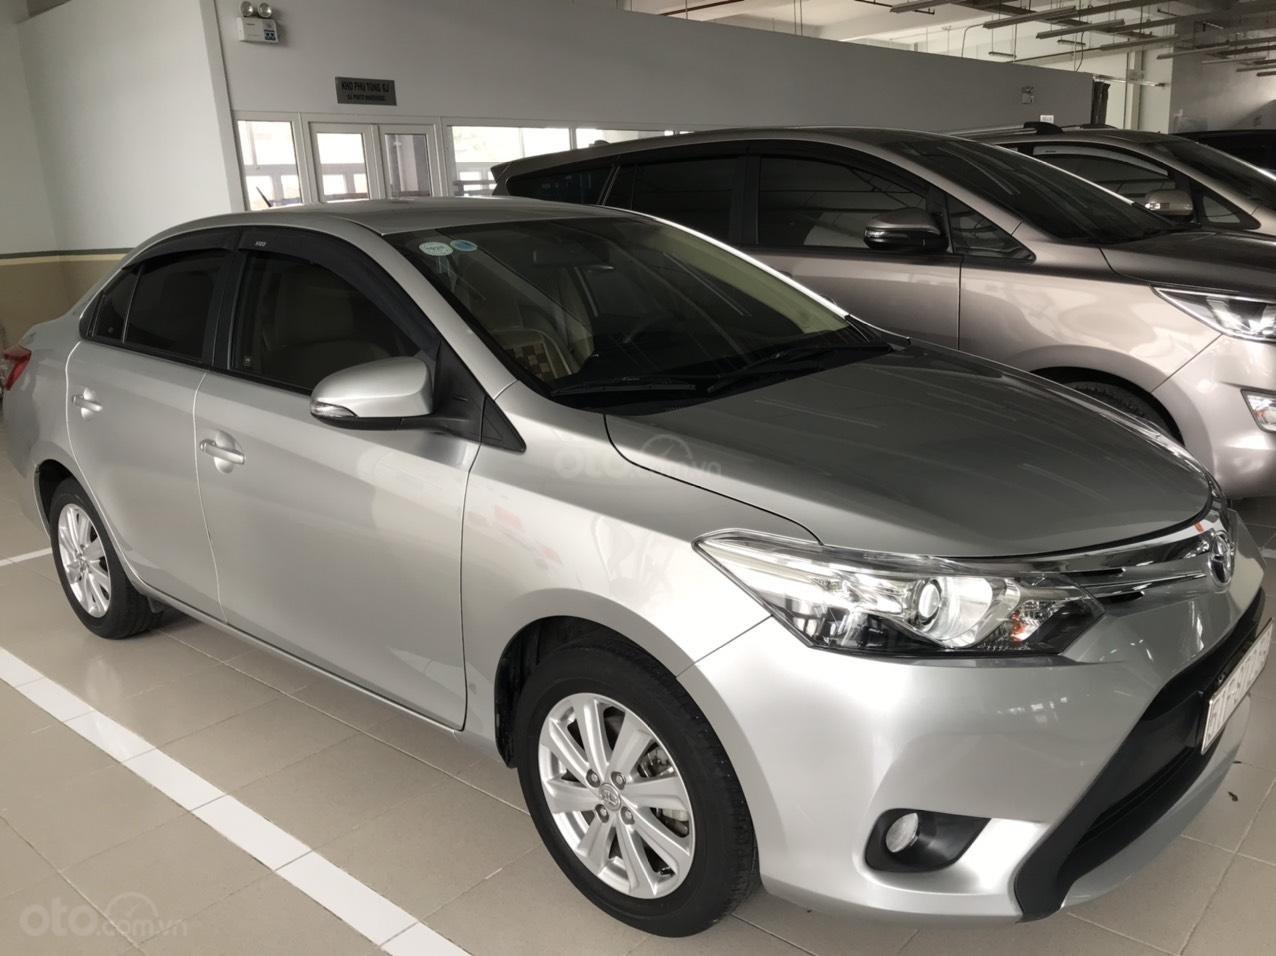 [Chính chủ] Bán Toyota Vios năm 2017, giá cực ưu đãi chỉ 450 triệu (1)